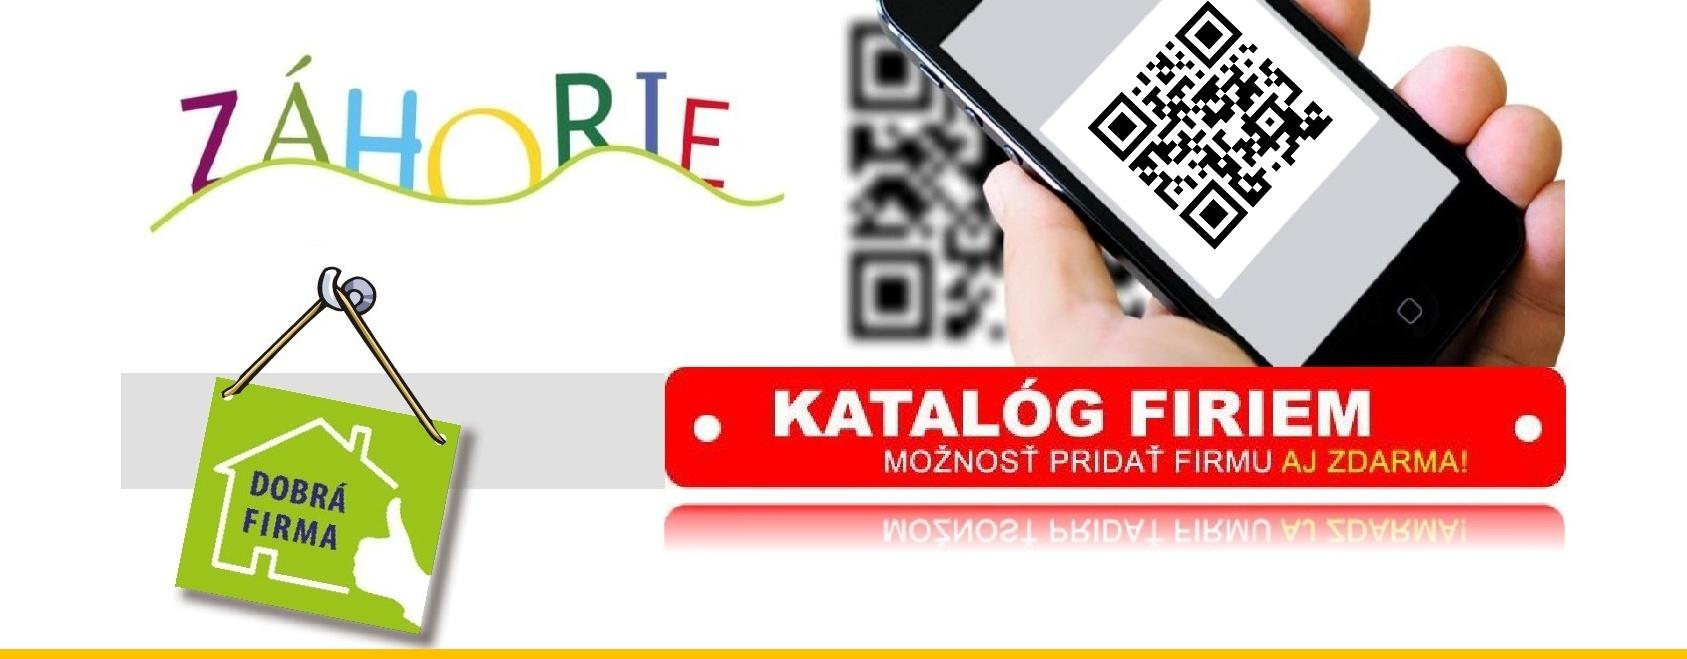 katalog-firiem-banner-web